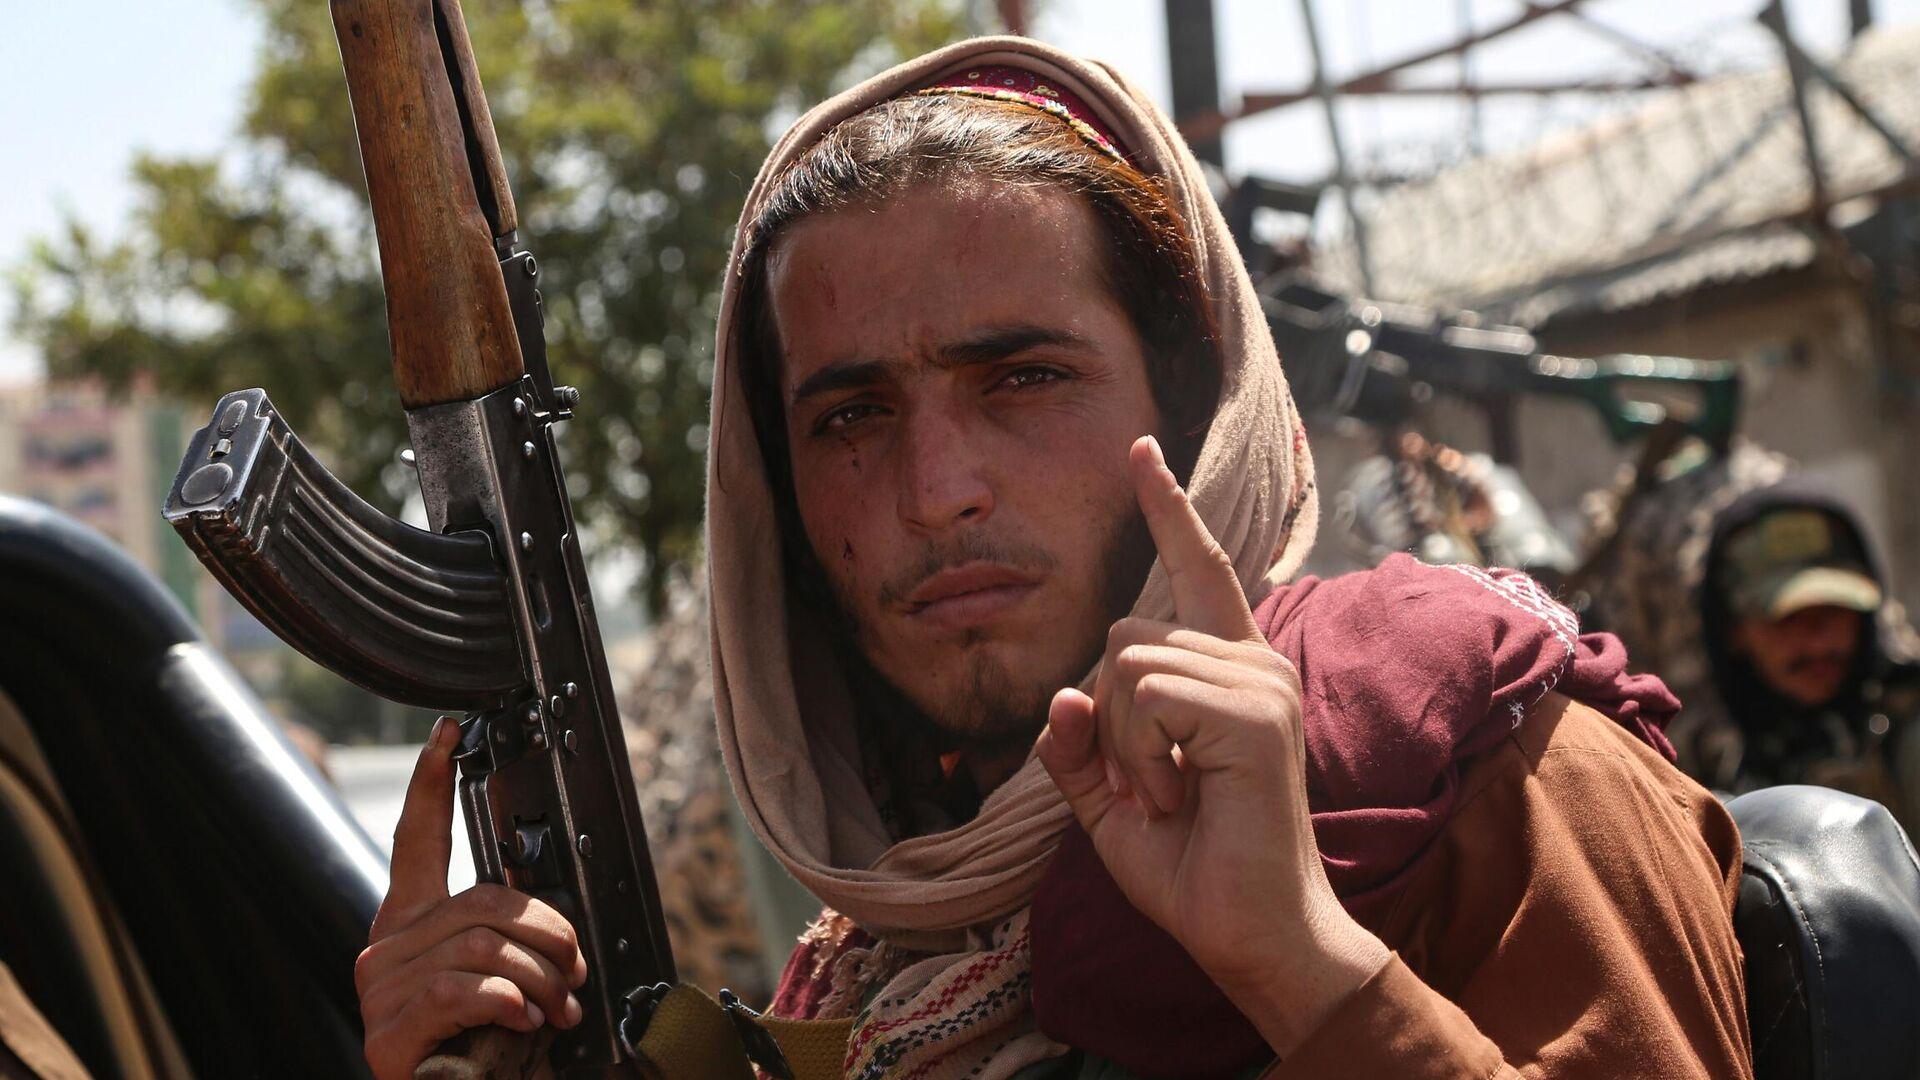 Боевик движения Талибан (террористическая организация, запрещена в России) в Кабуле - РИА Новости, 1920, 17.08.2021